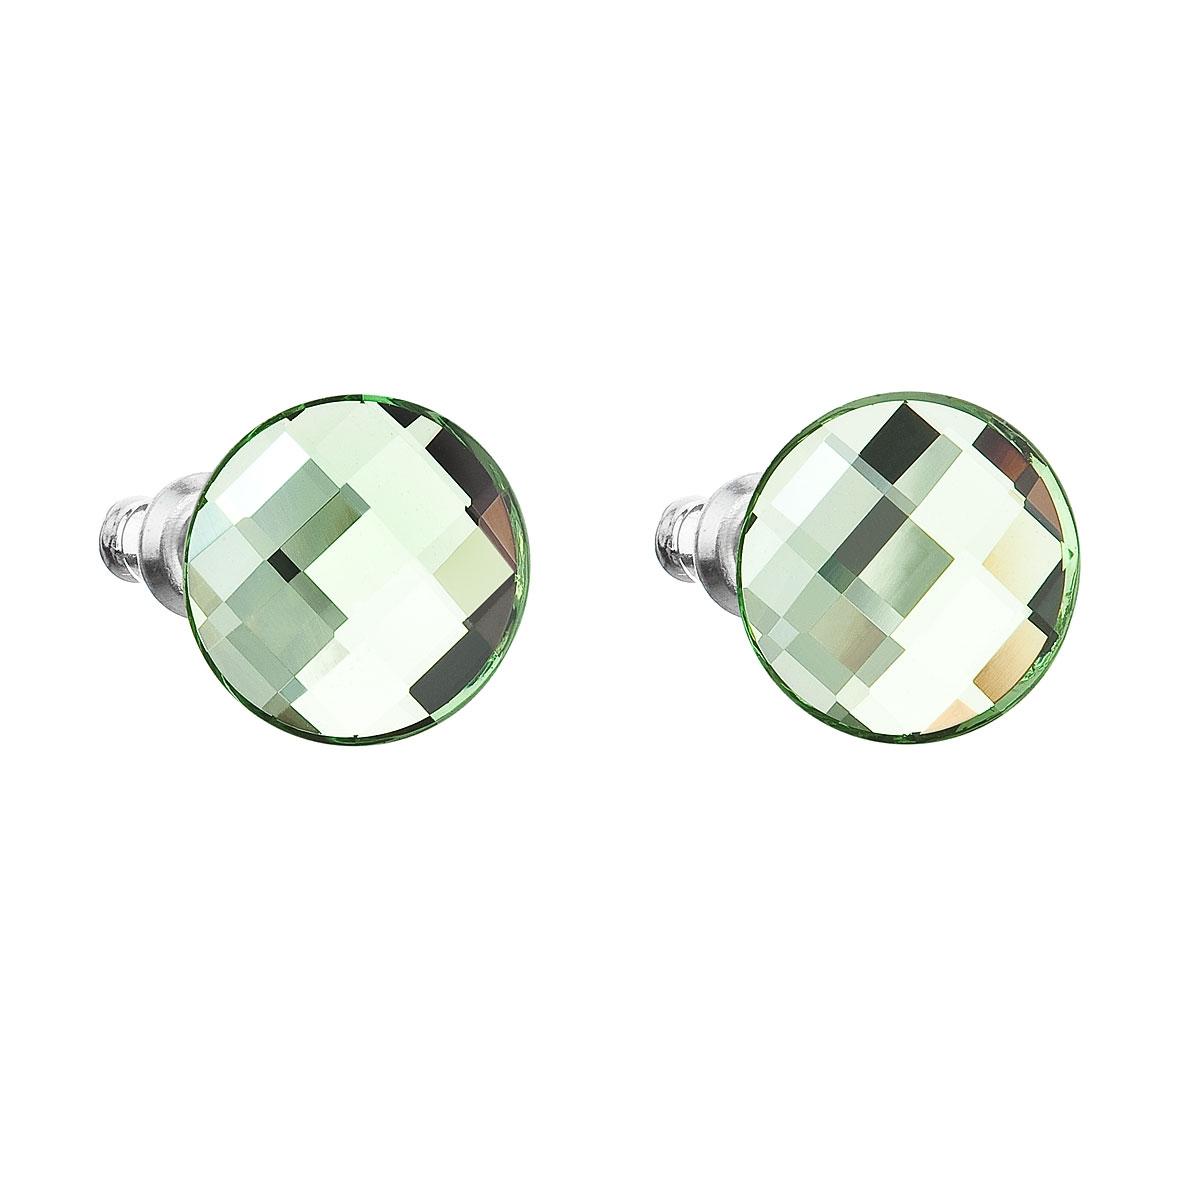 Skrutkovacie náušnice s kryštálmi Crystals from Swarovski ®, Chessboard Green